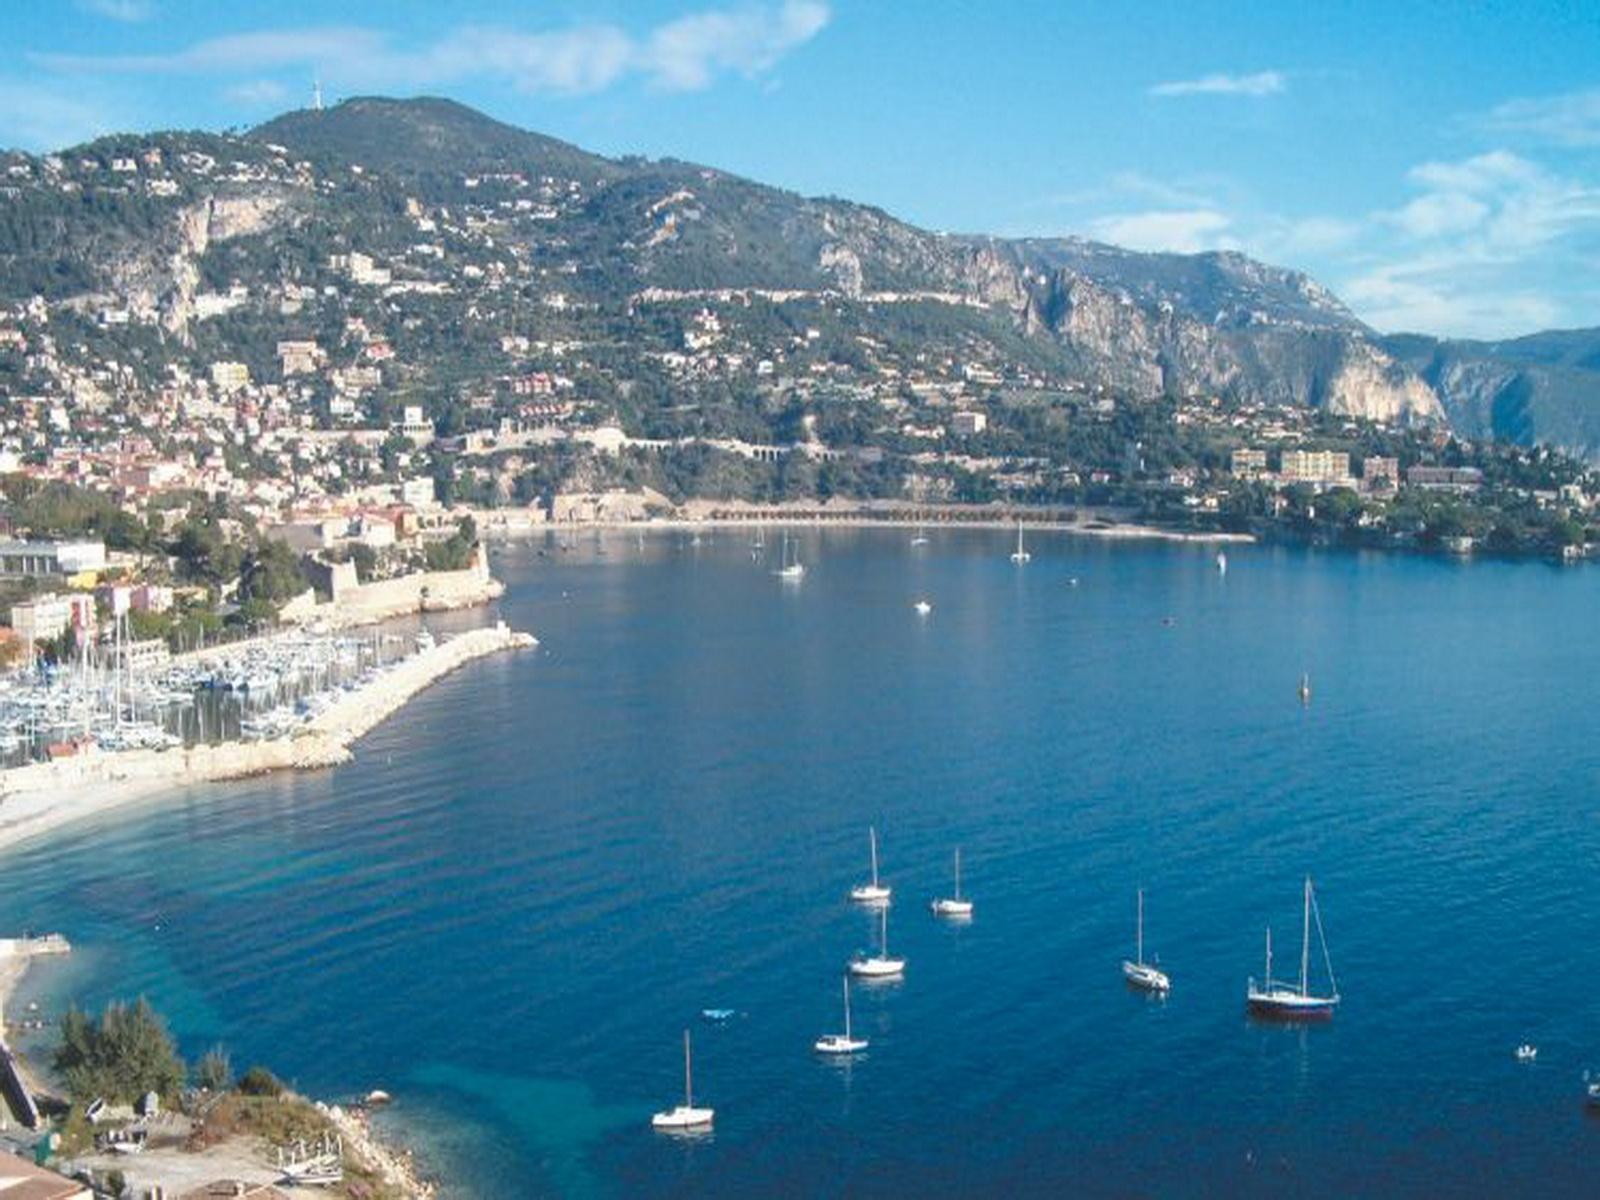 Noleggio Barche Toulon - Navalia   Noleggia un Sogno